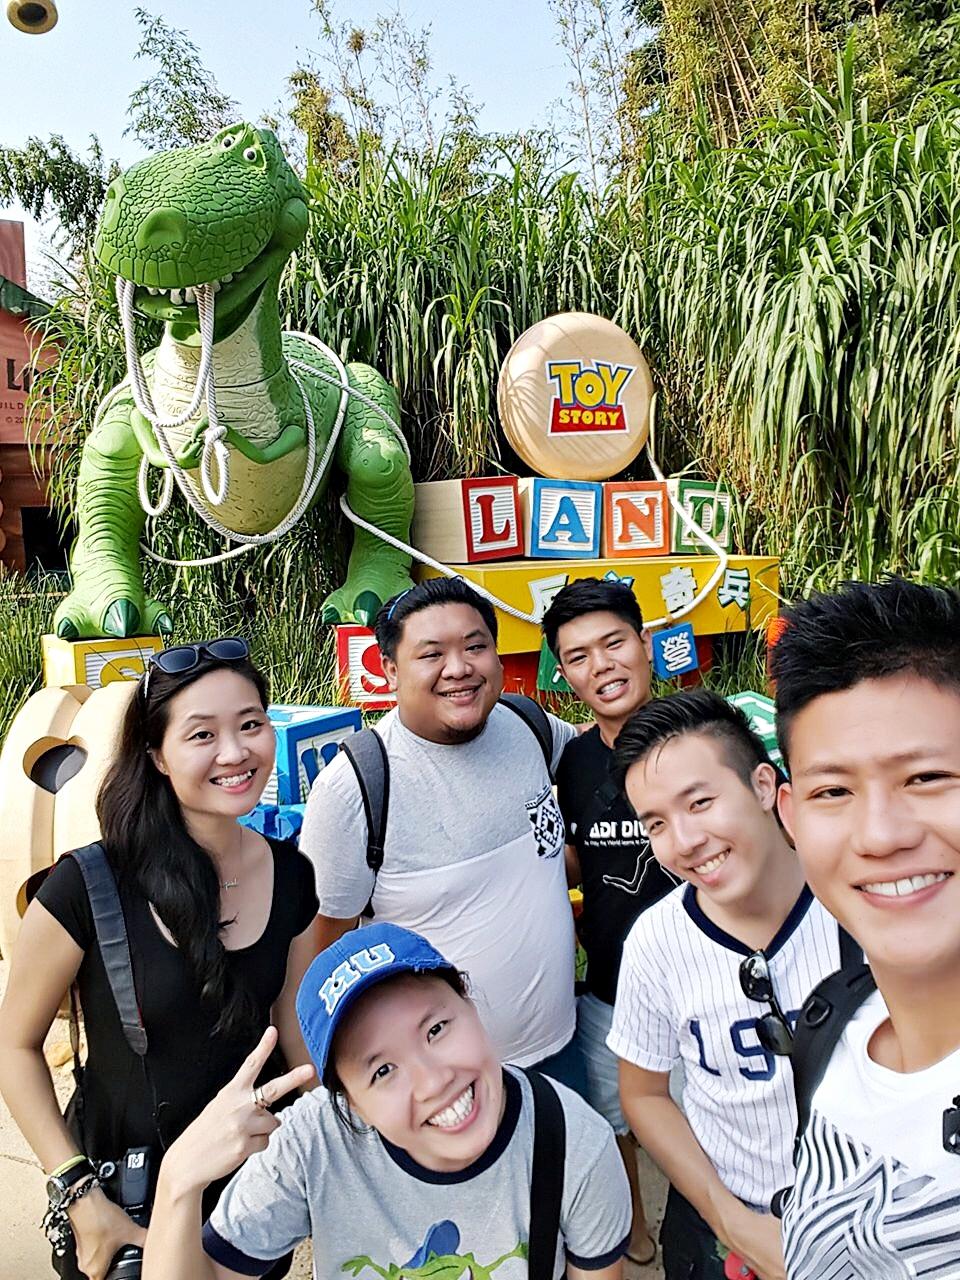 9 November 2015: Toy Story Land @ Hong Kong Disneyland | Lantau Island, Hong Kong